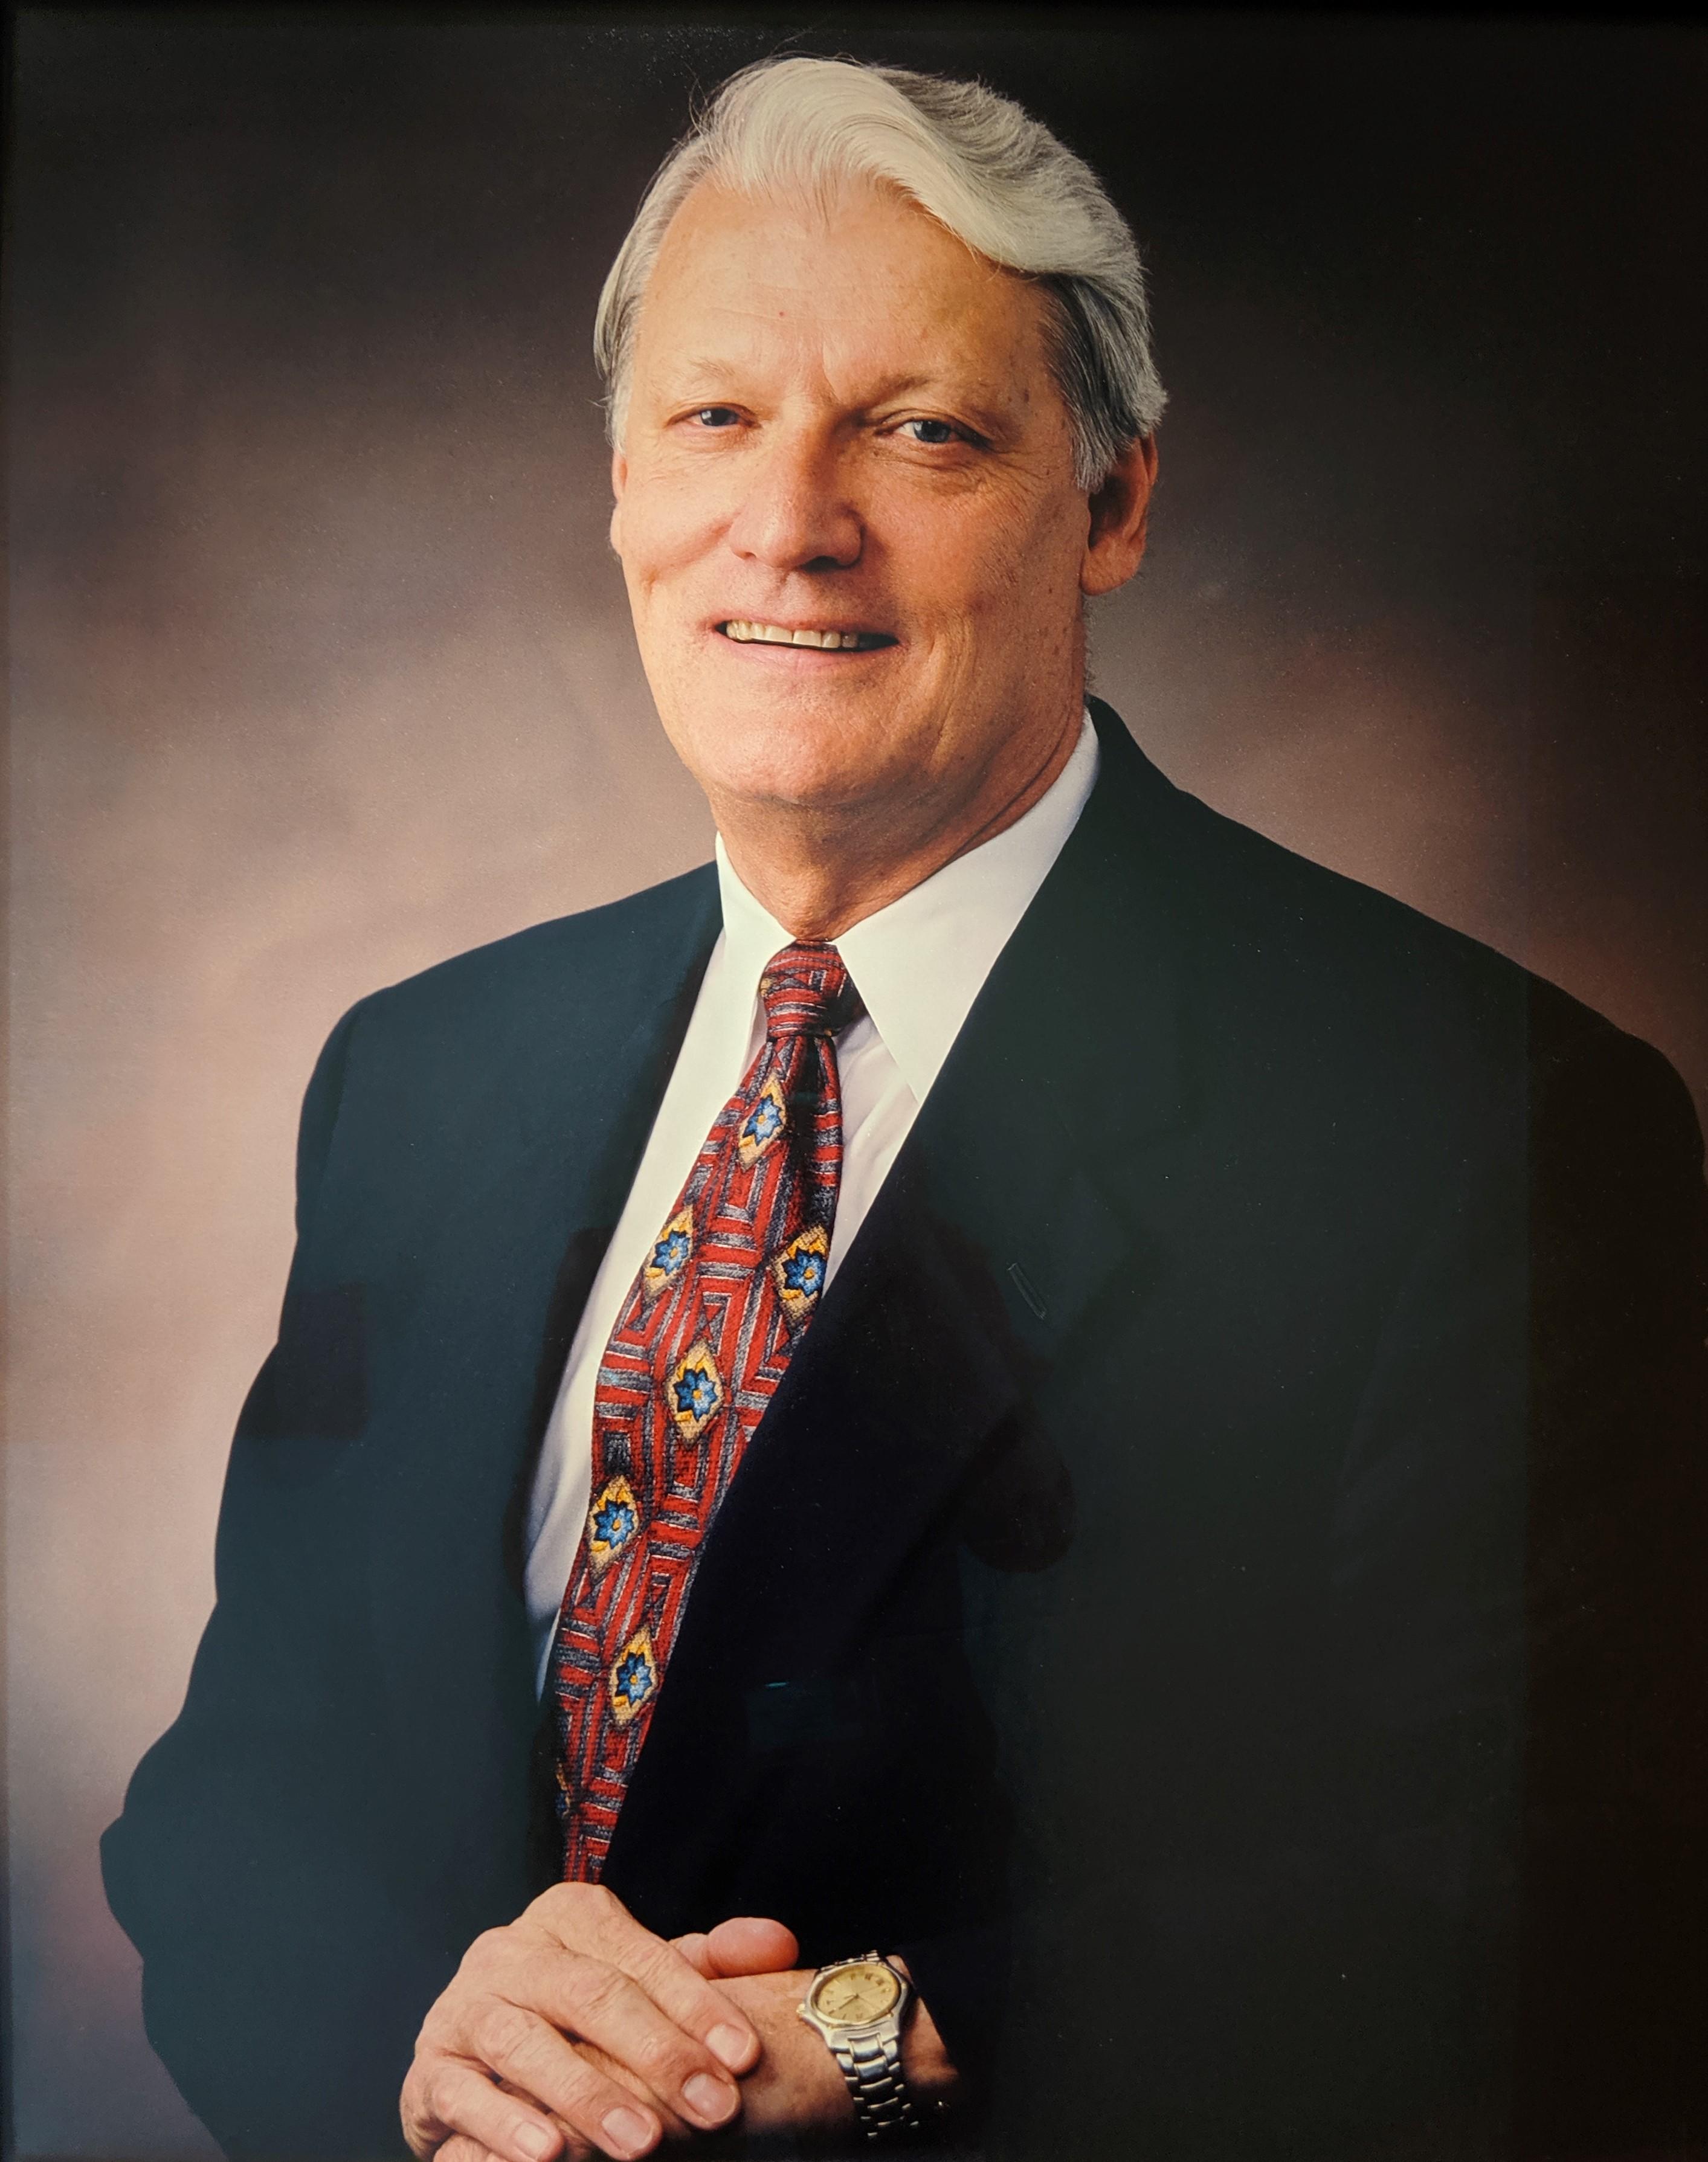 Robert W. Schrier